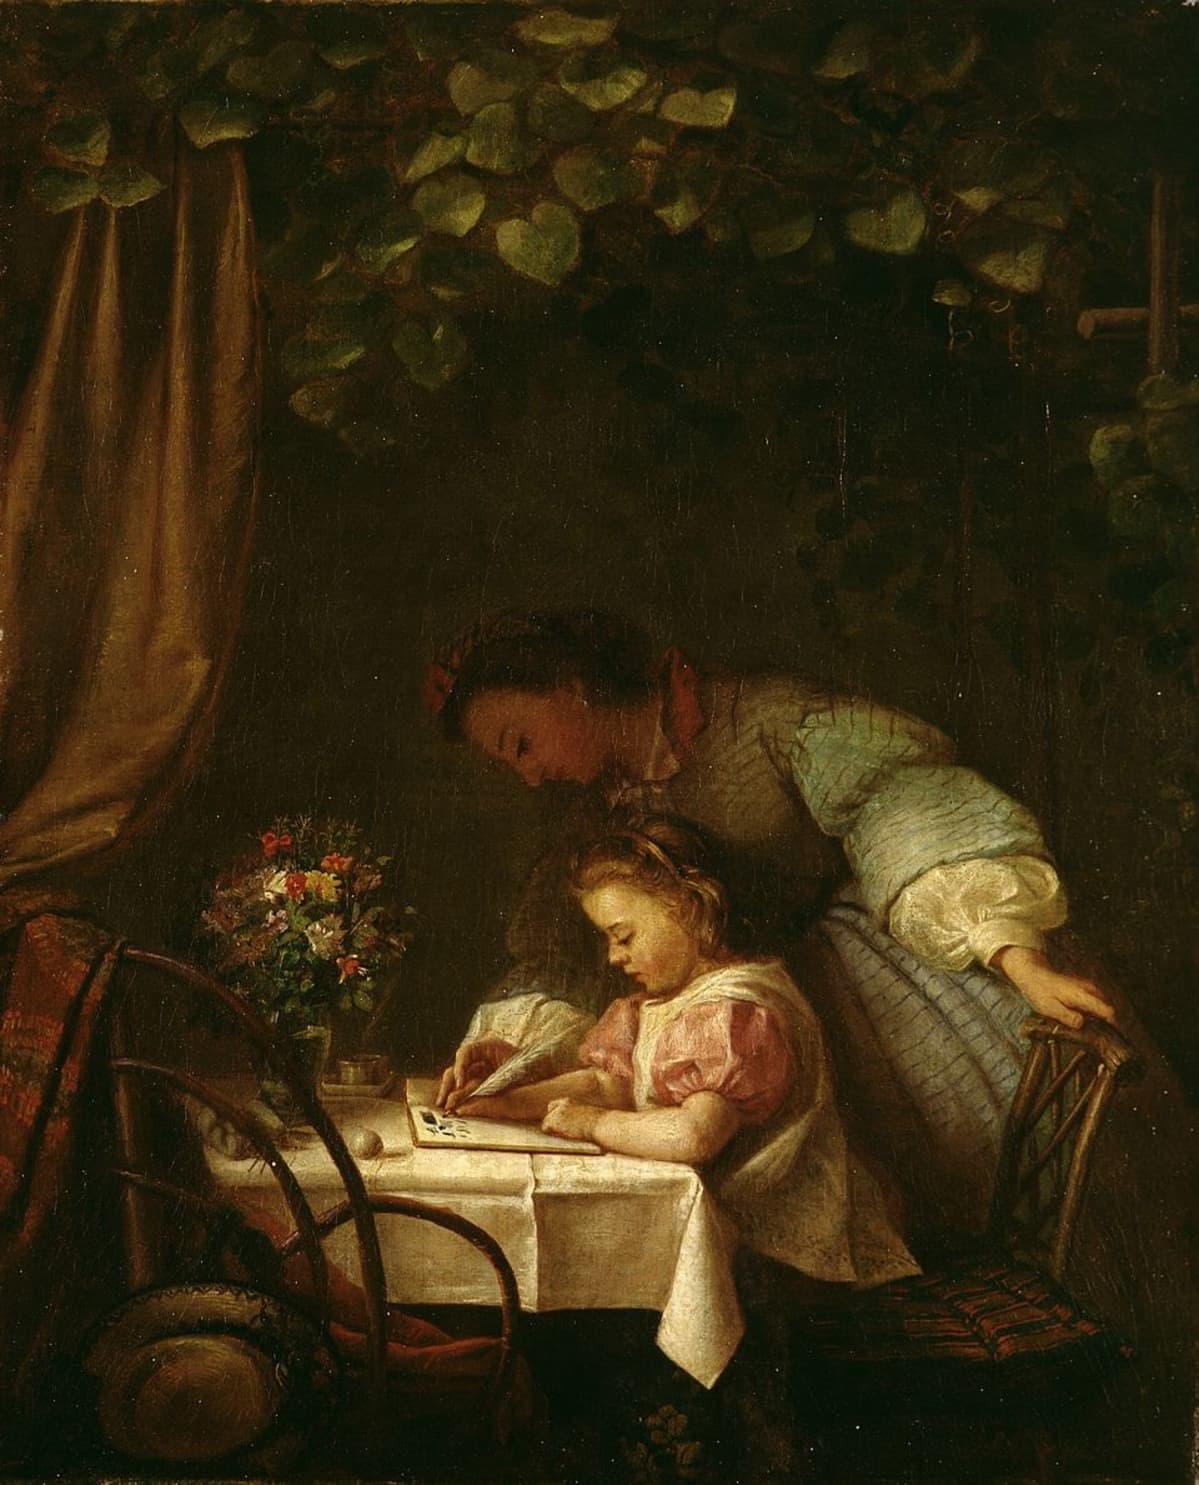 Ida Silfverbergin lukemaan opettelevaa lasta esittävä maalaus